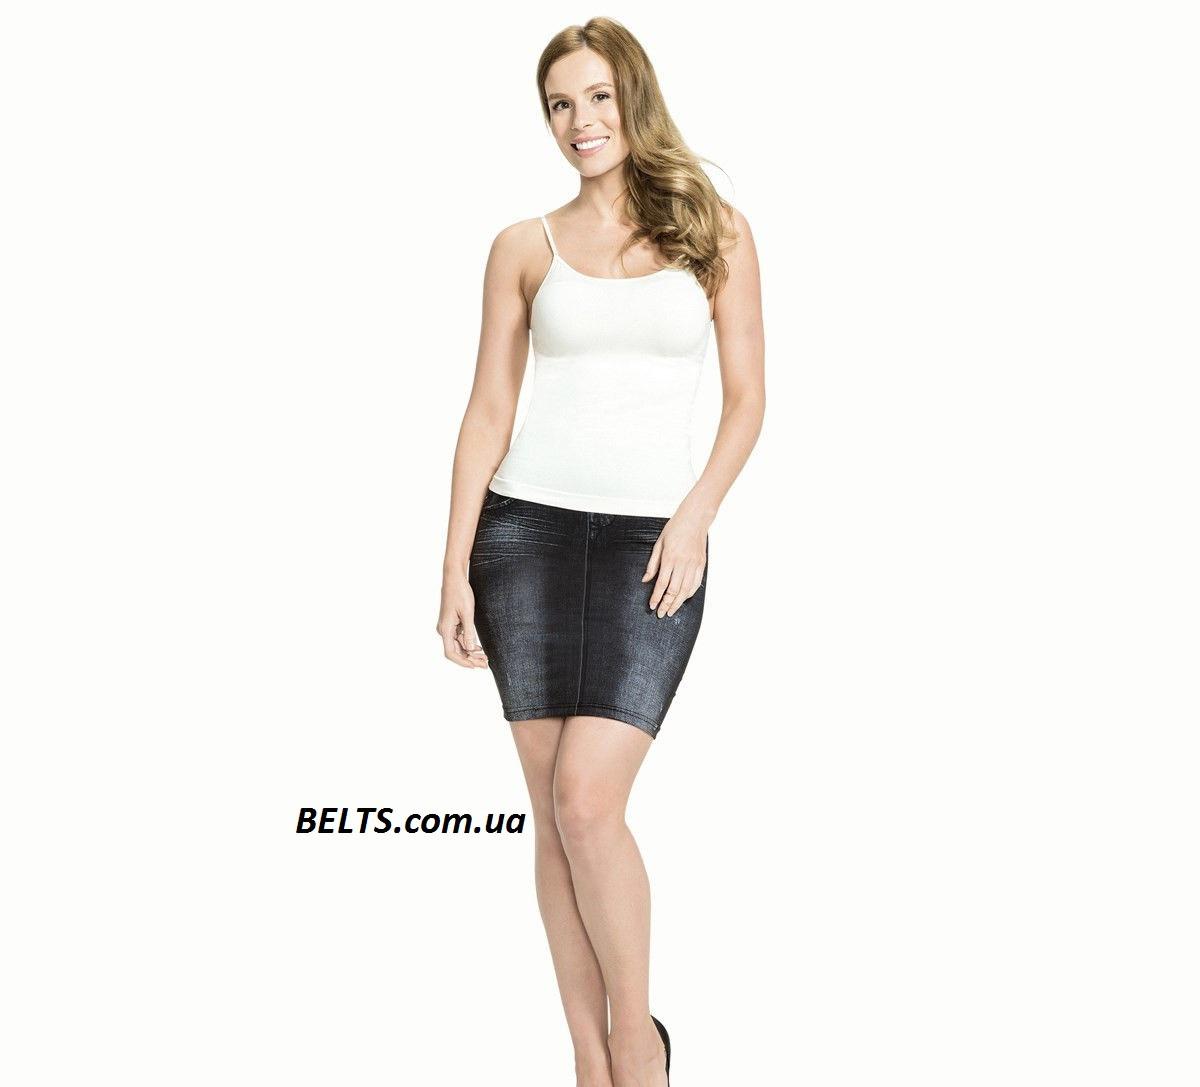 Утягивающая женская юбка на лето Shape Skirt (Корректирующая юбка Шейп Скерт)